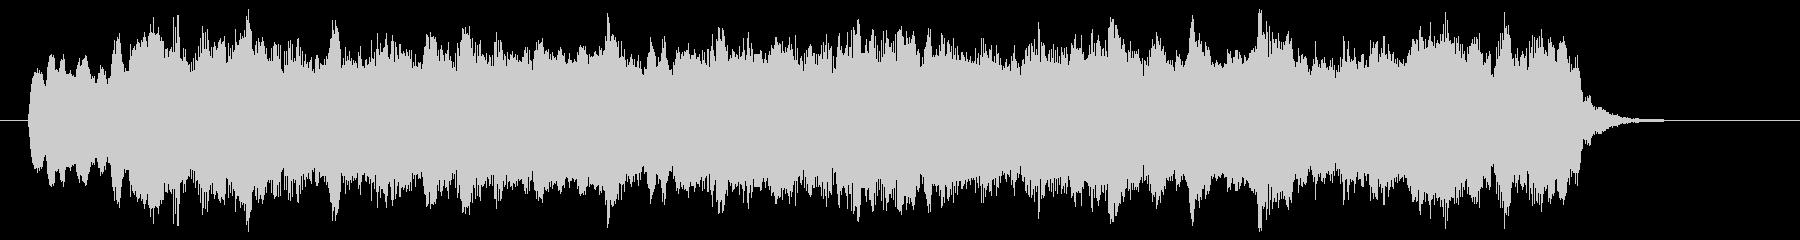 ディズニー風のショートBGM、ジングルの未再生の波形